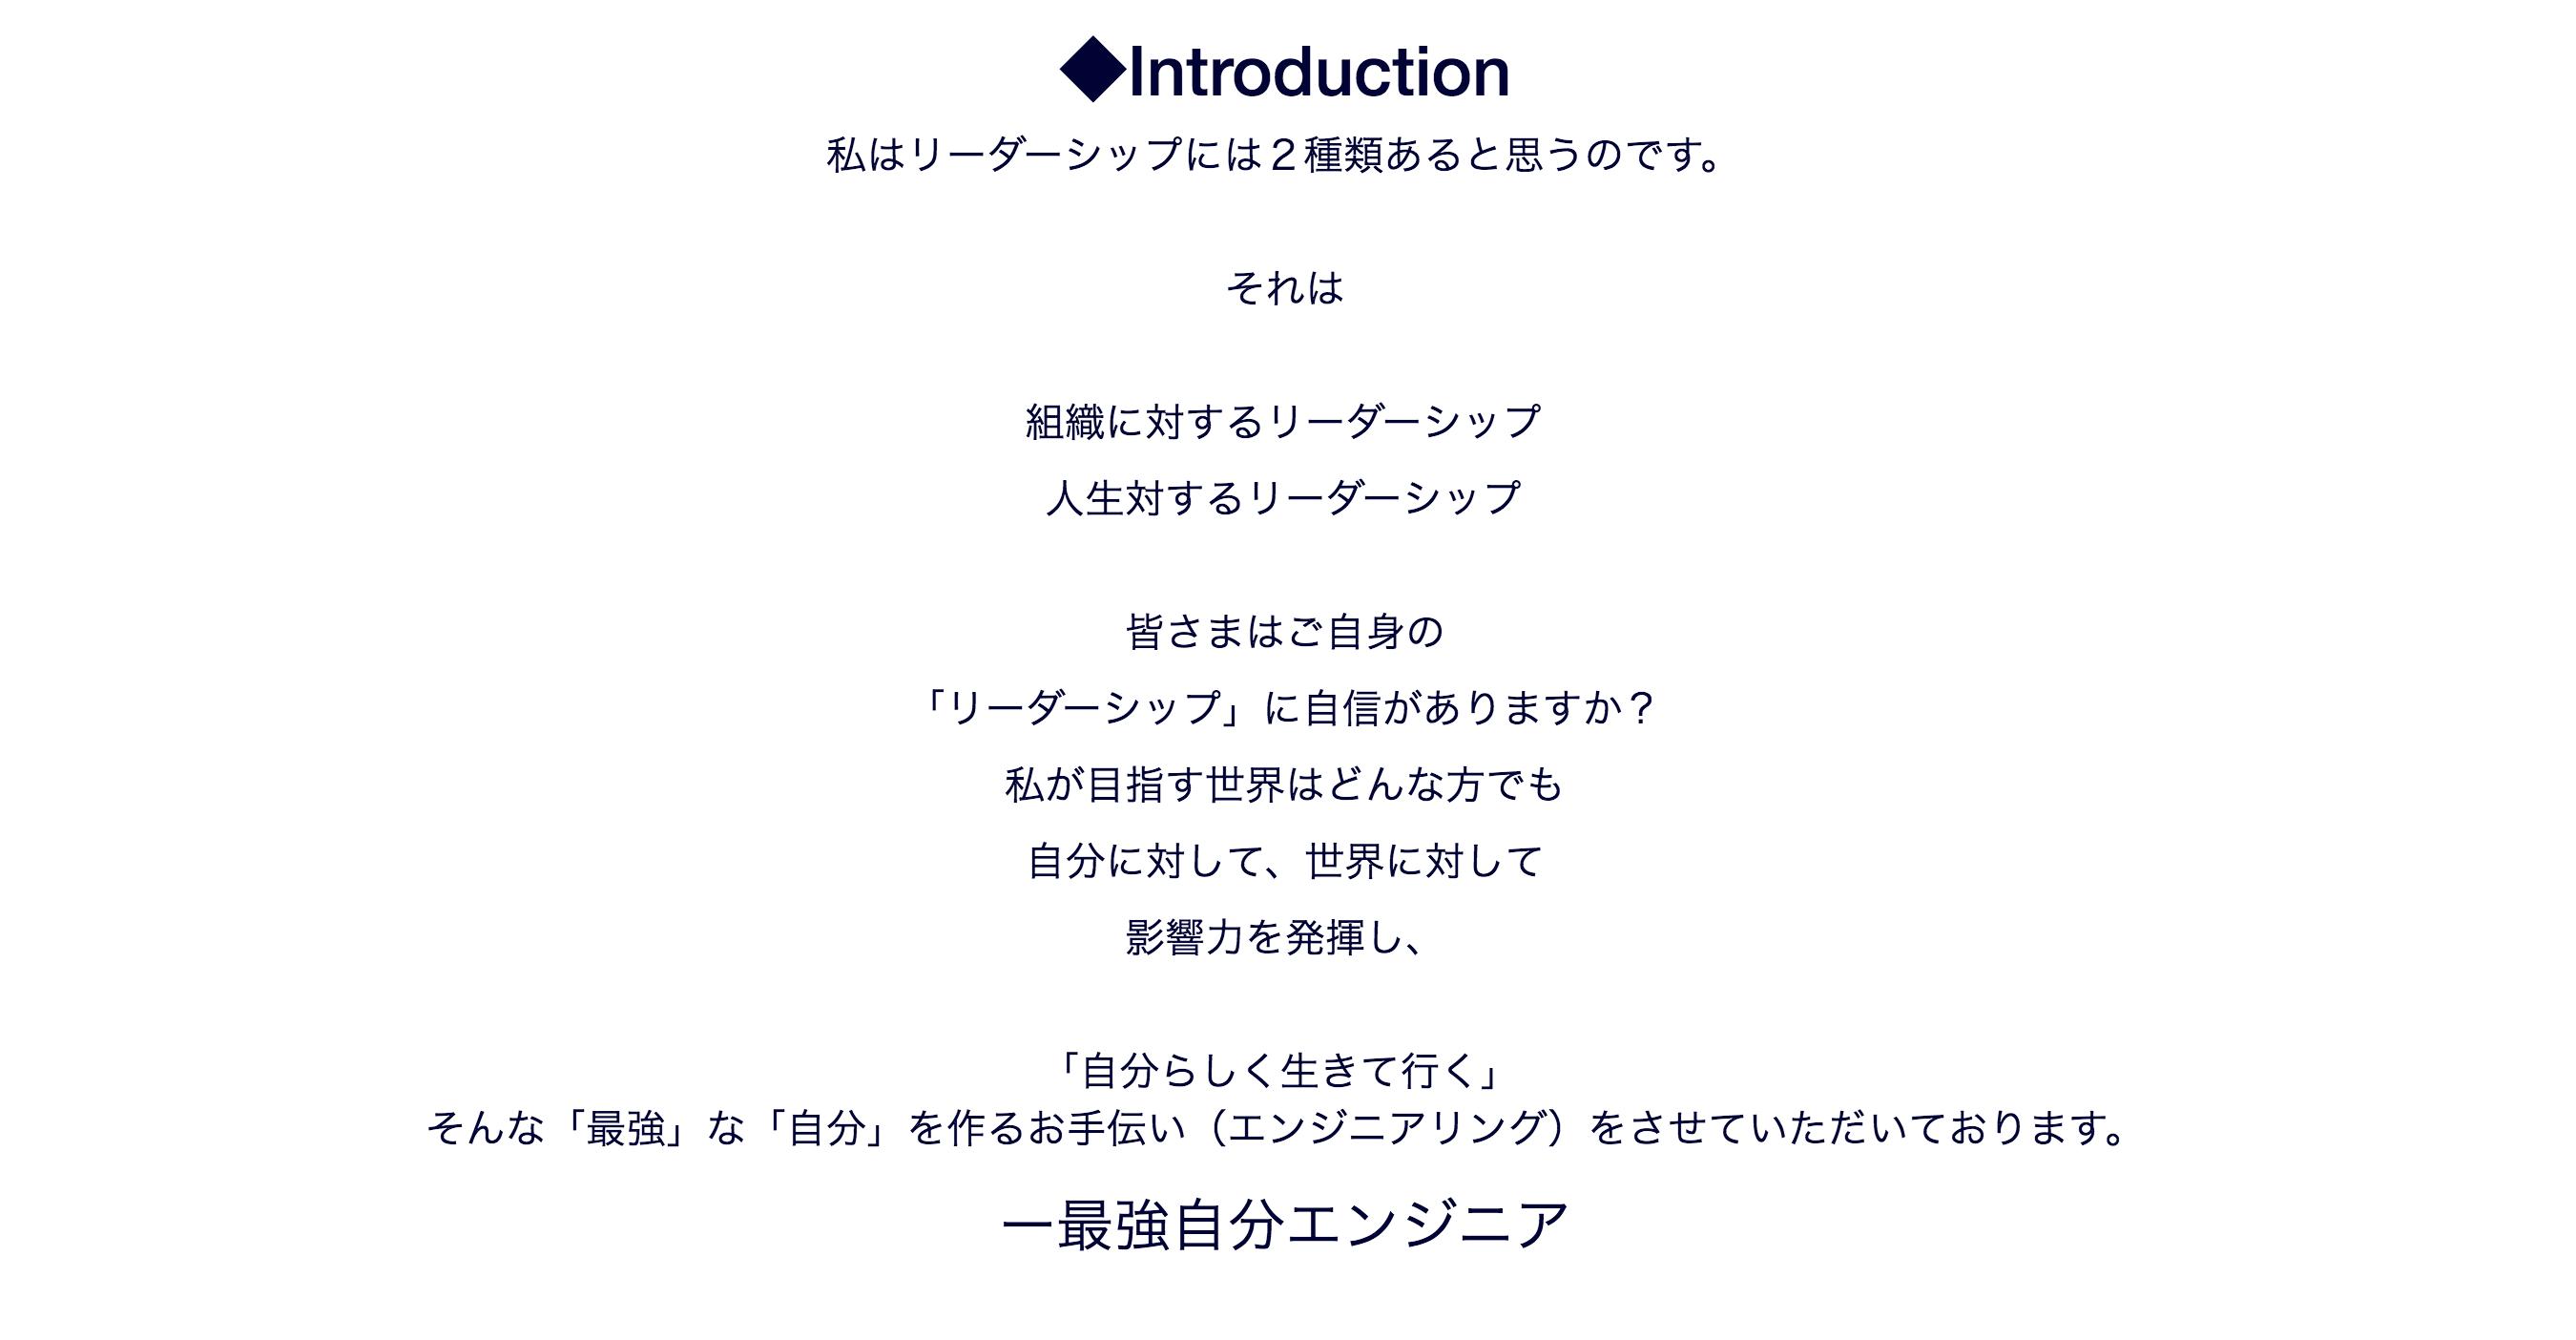 スクリーンショット 2016-06-06 16.58.32